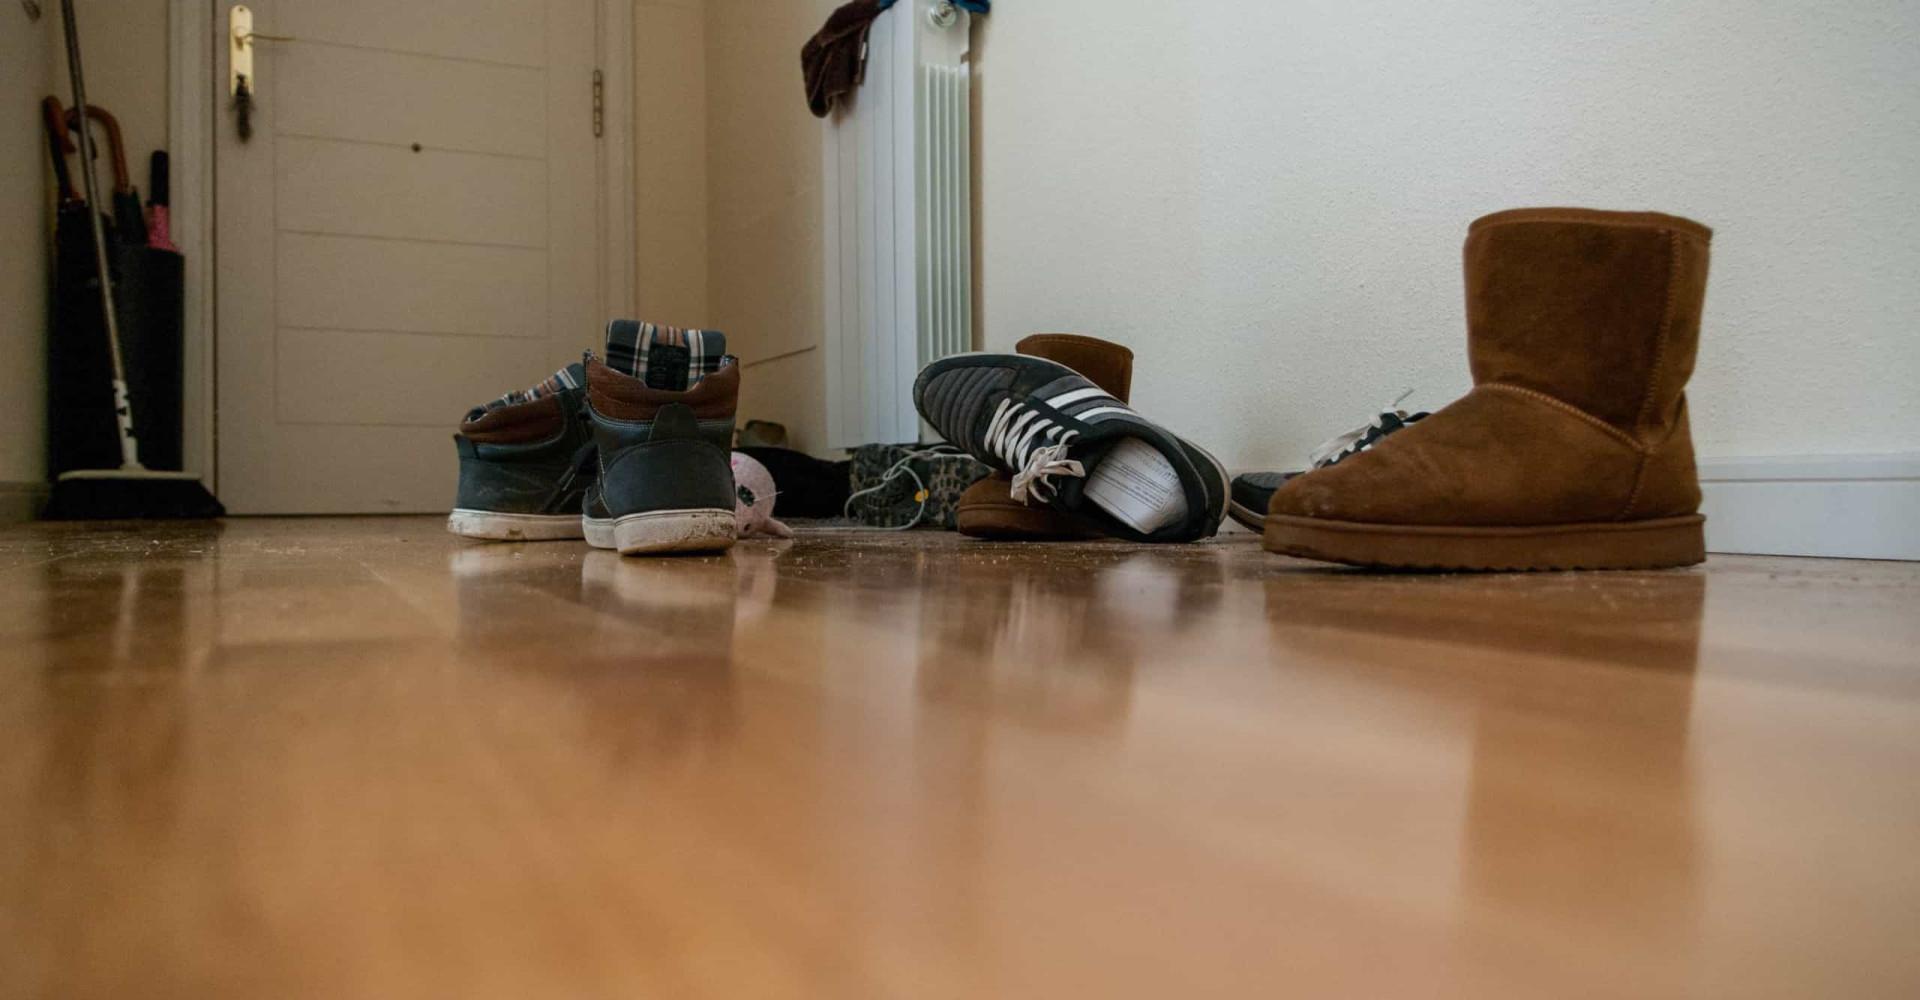 Darum sollten die Sneaker vor der Haustür bleiben